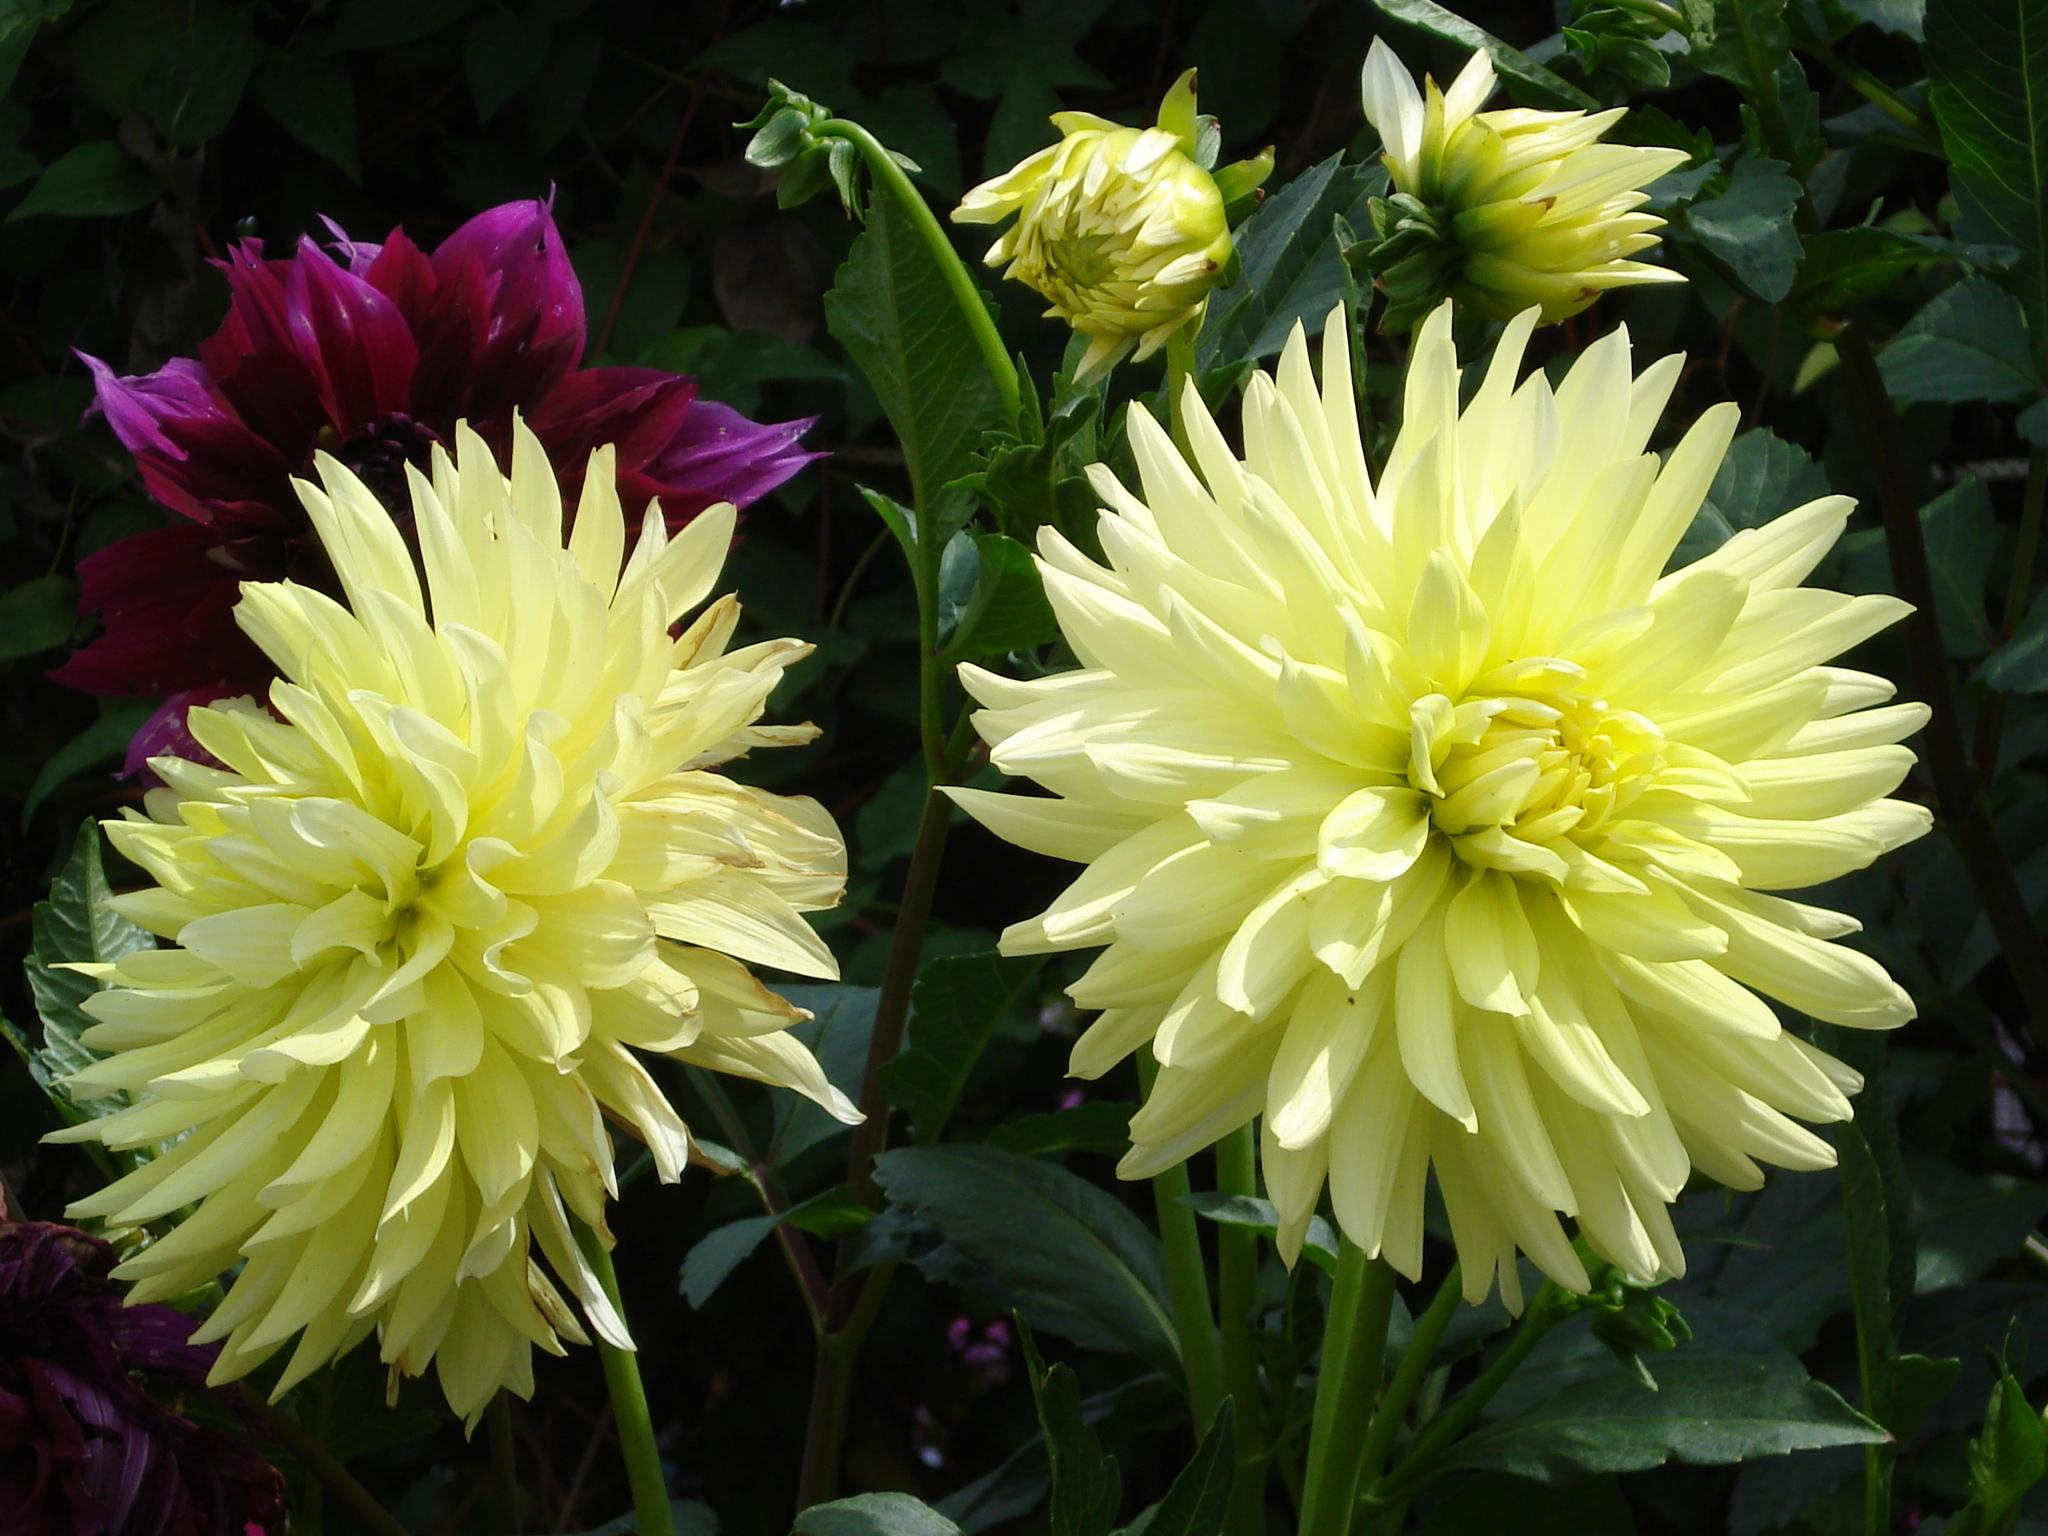 георгин цветок фото: